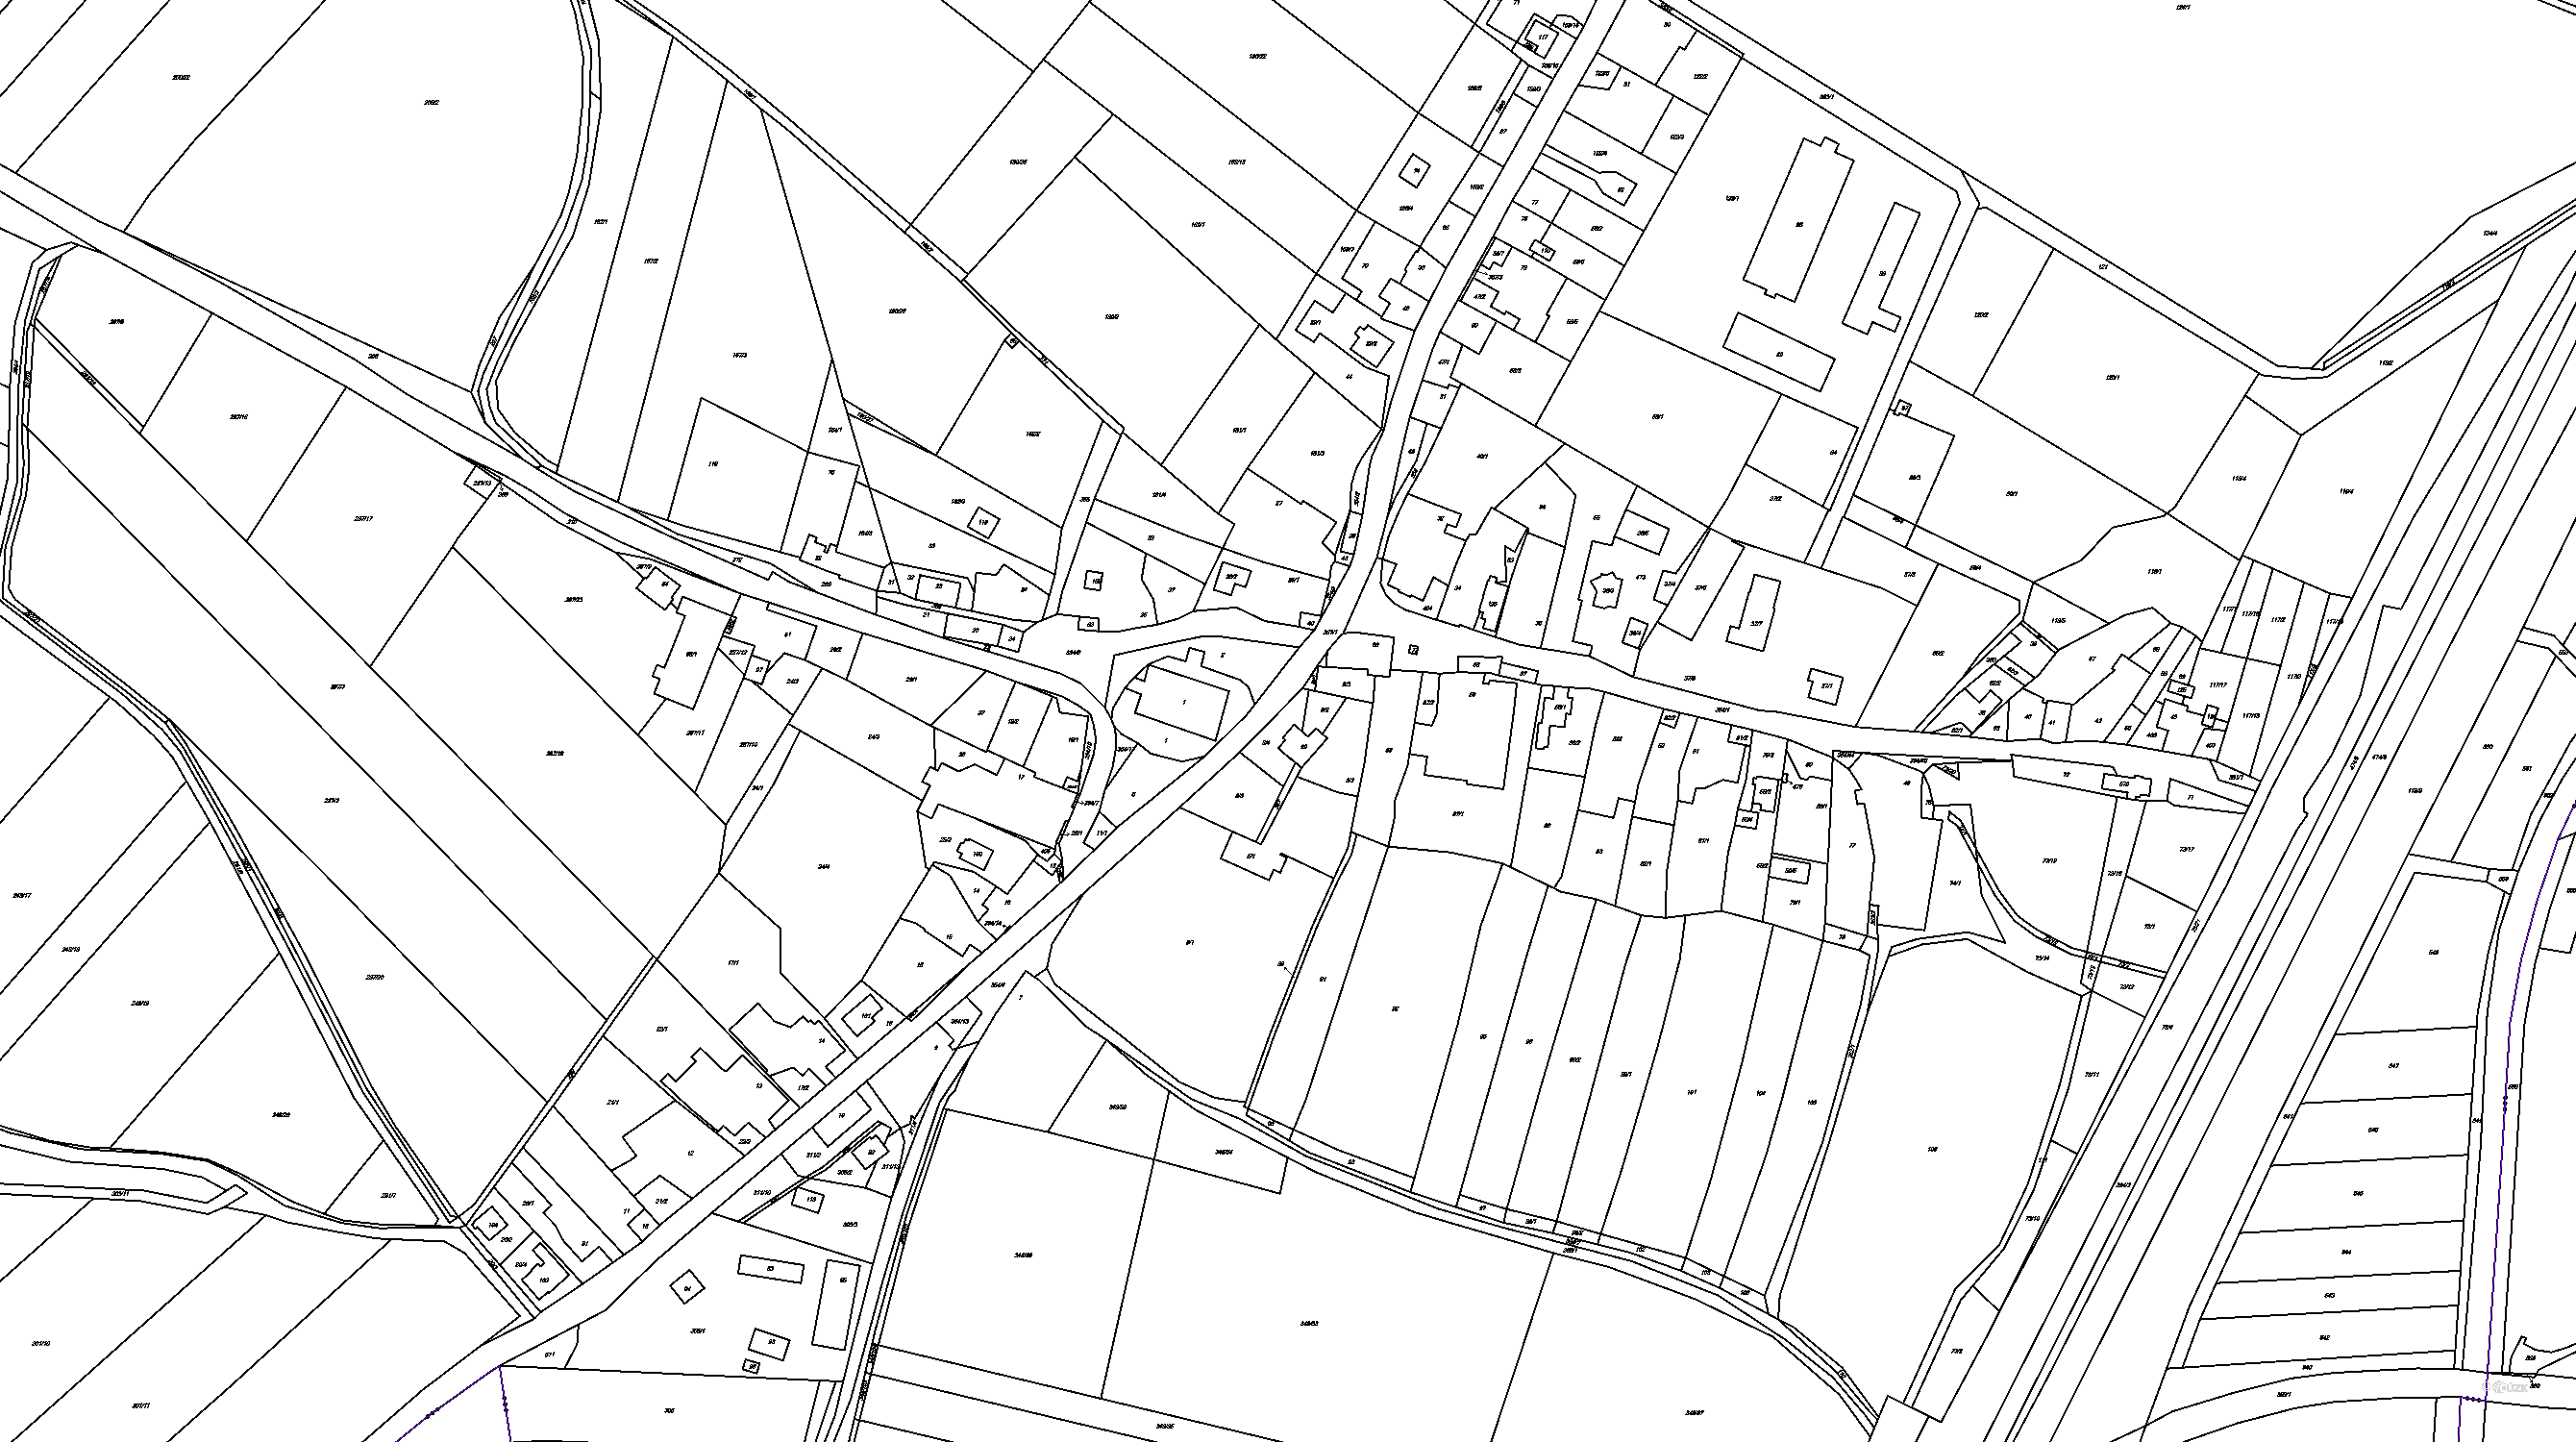 Katastrální mapa pozemků a čísla parcel Hněvčeves